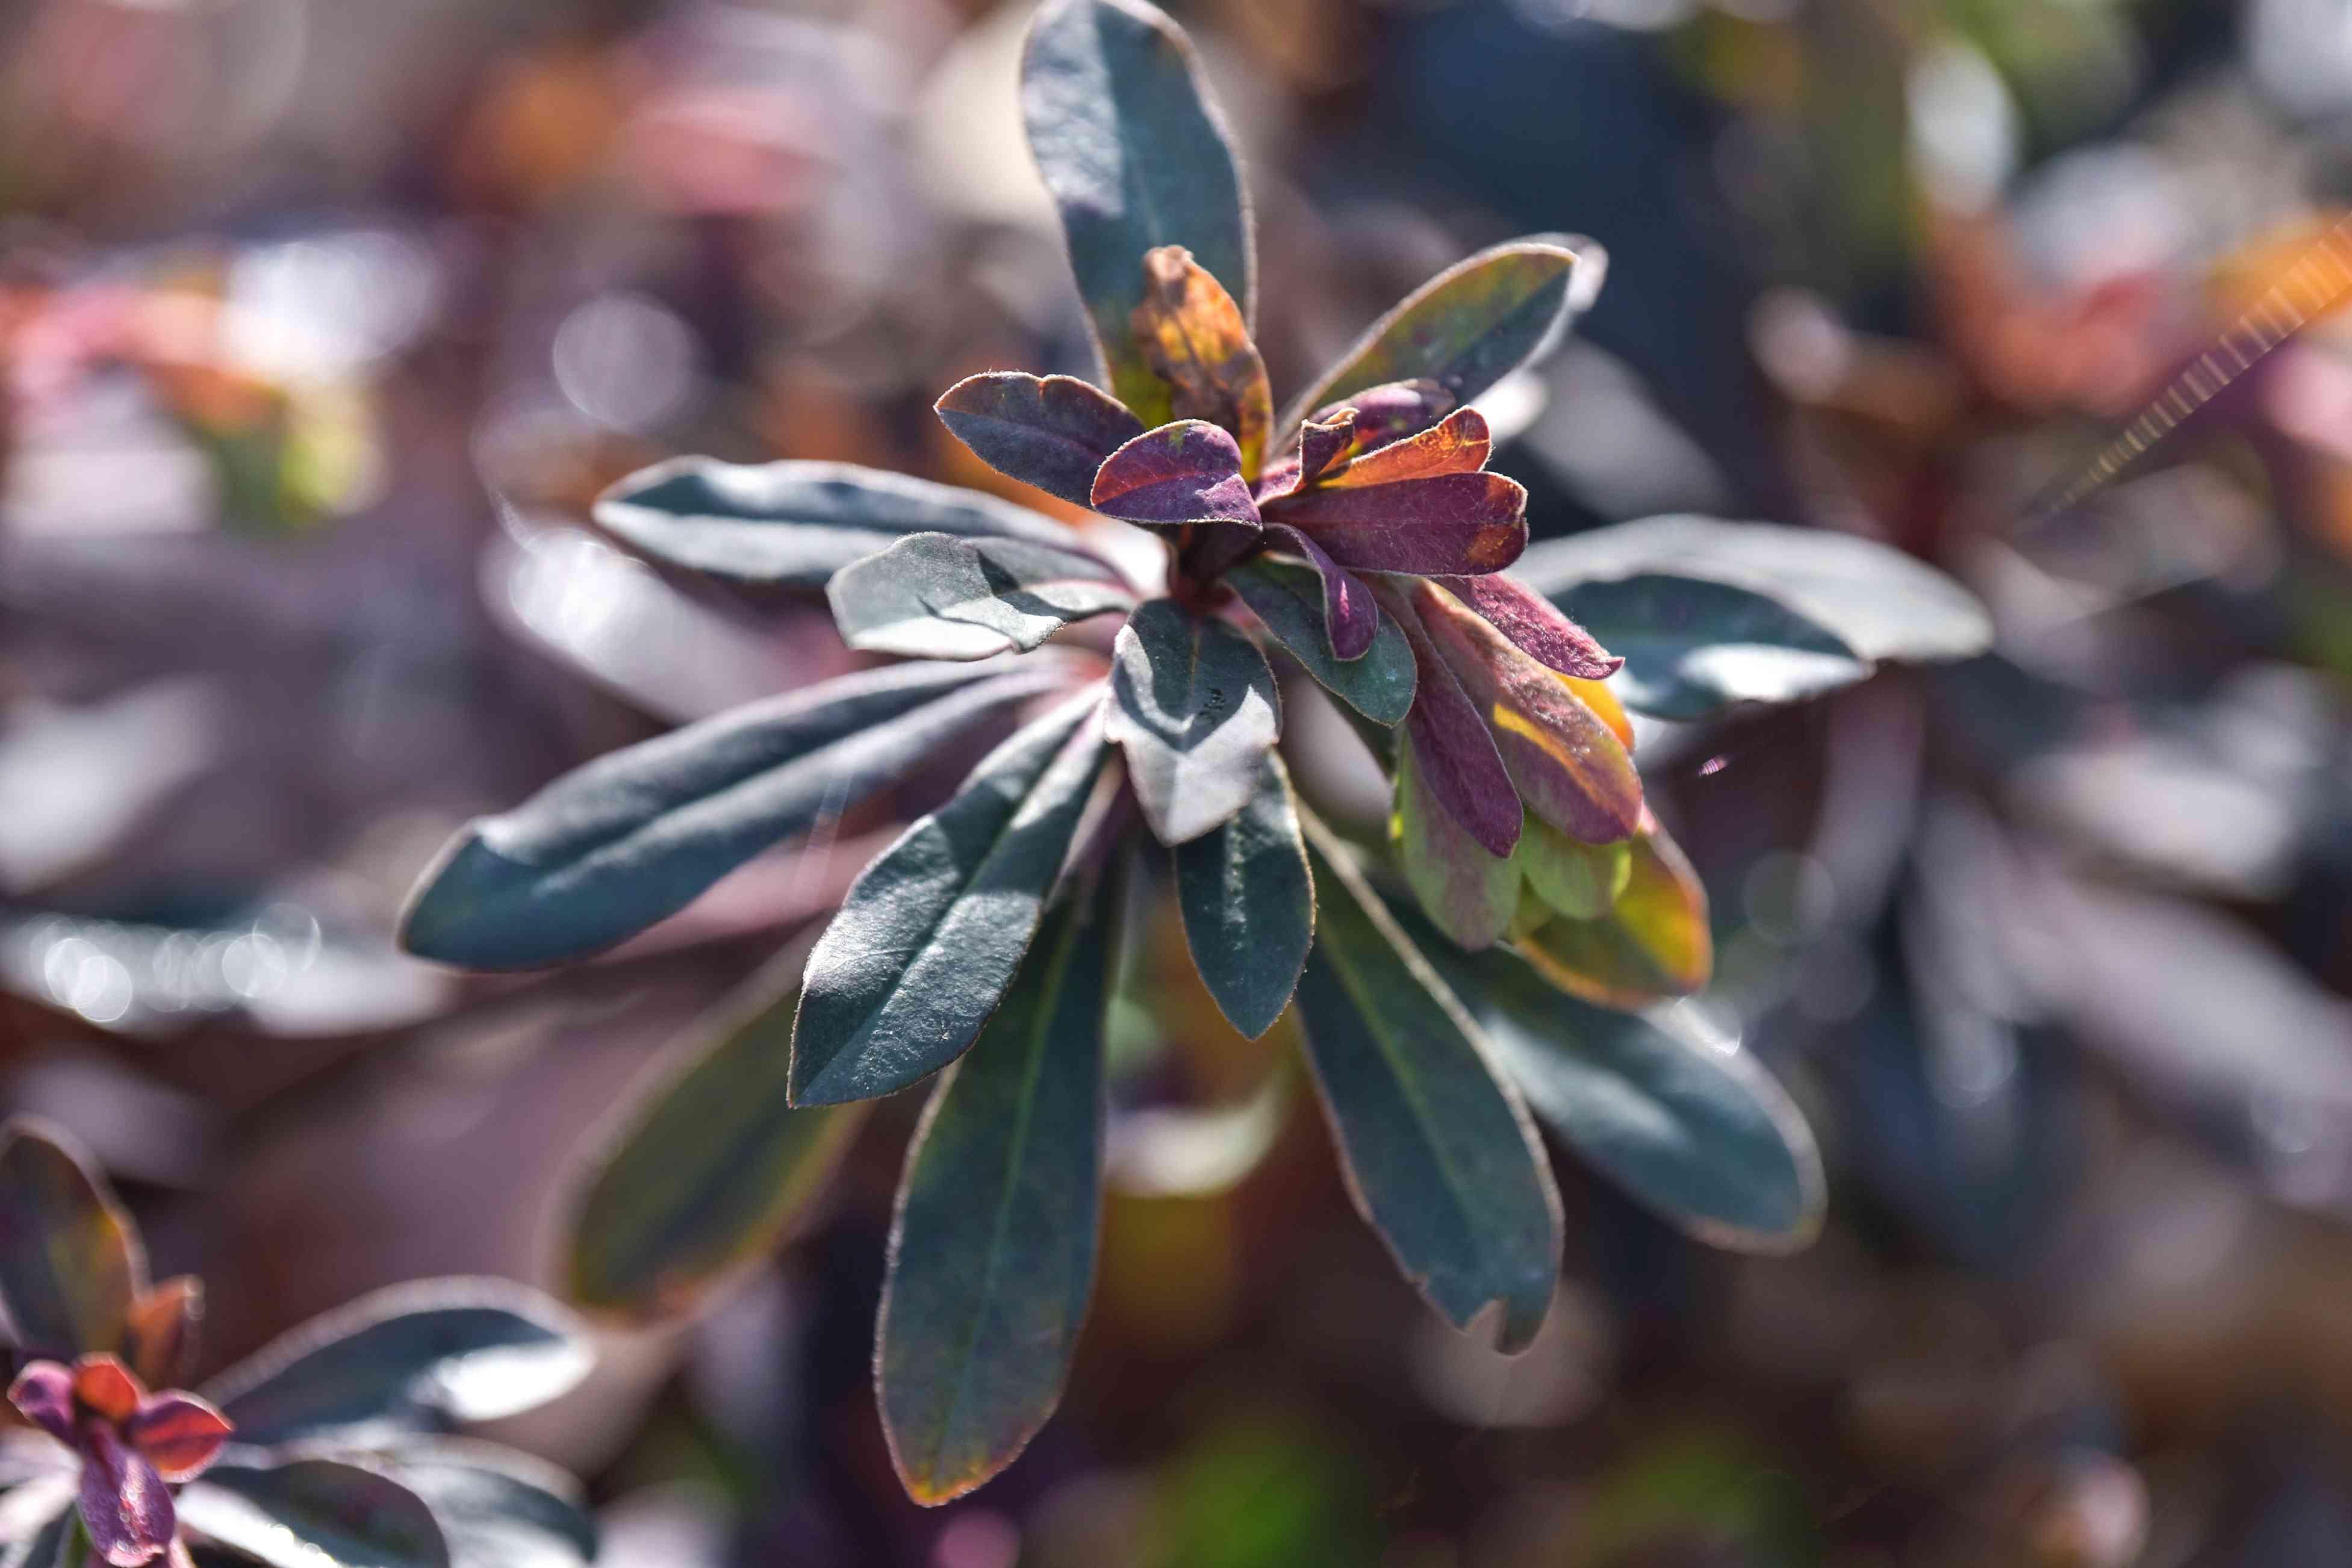 Purple wood spurge purpurea plant with dark green and purple-tinged leaves on end of stem closeup